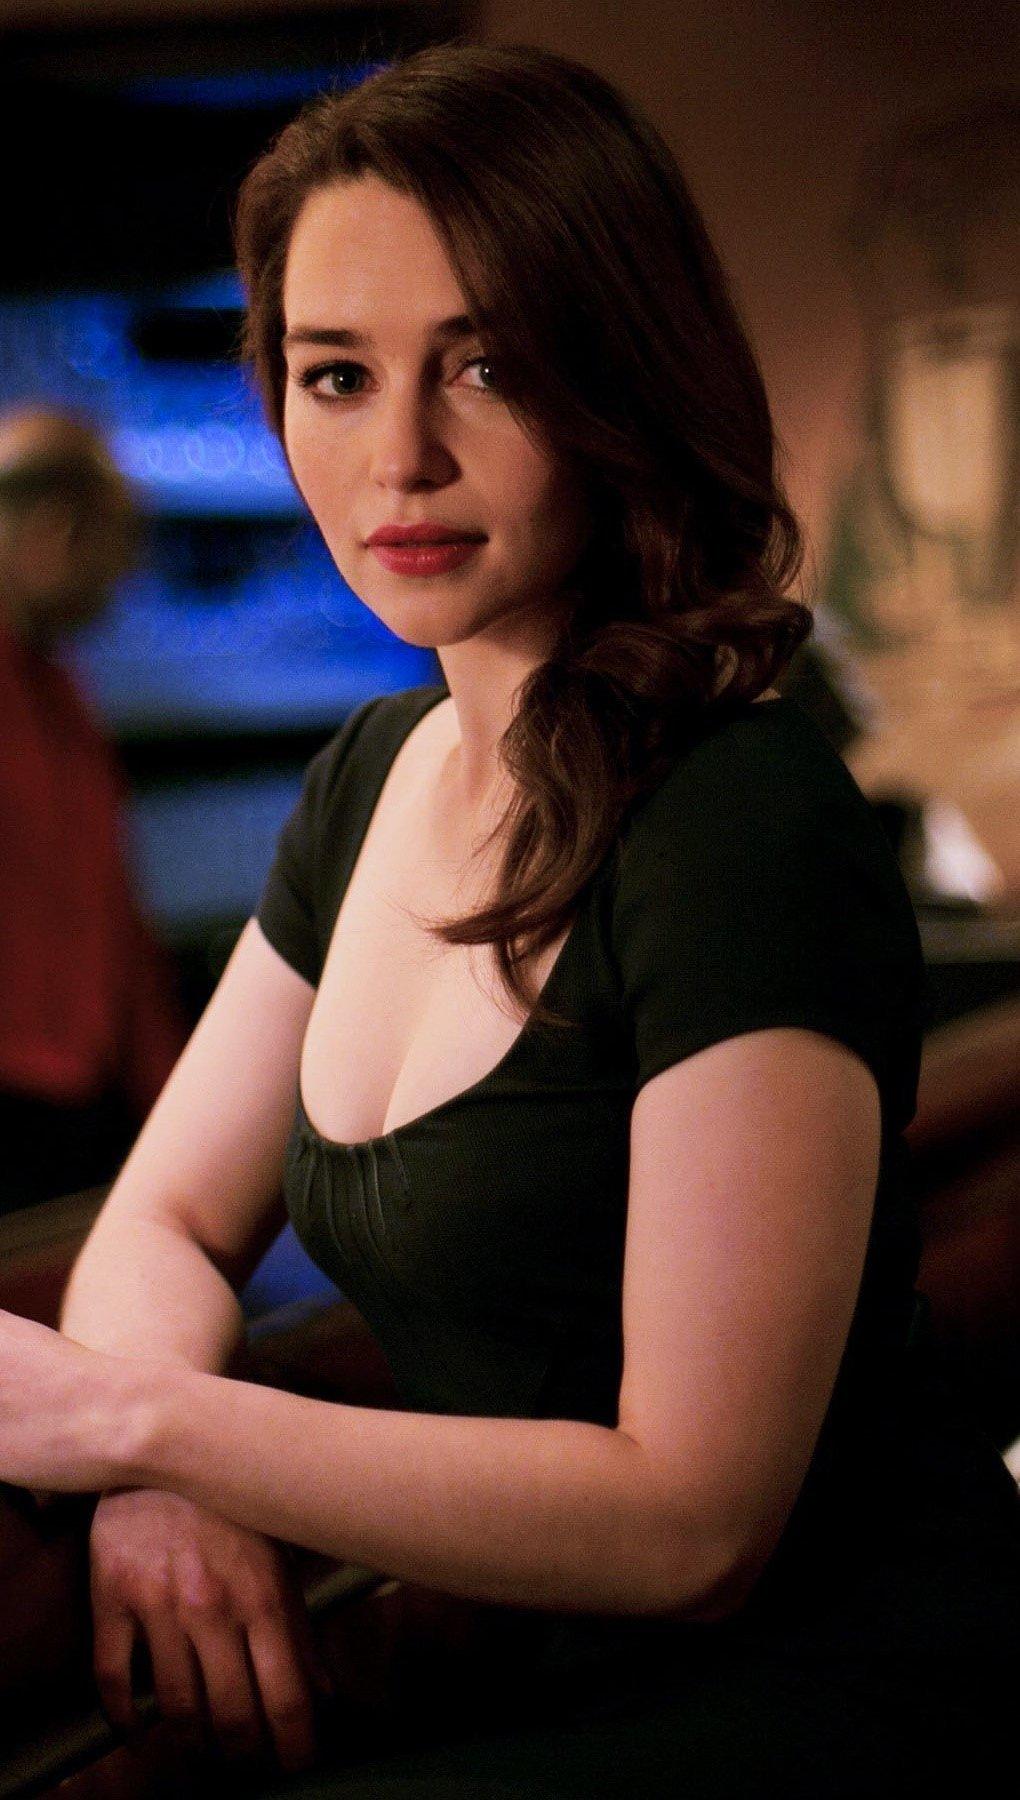 Wallpaper Emilia Clarke in a bar Vertical